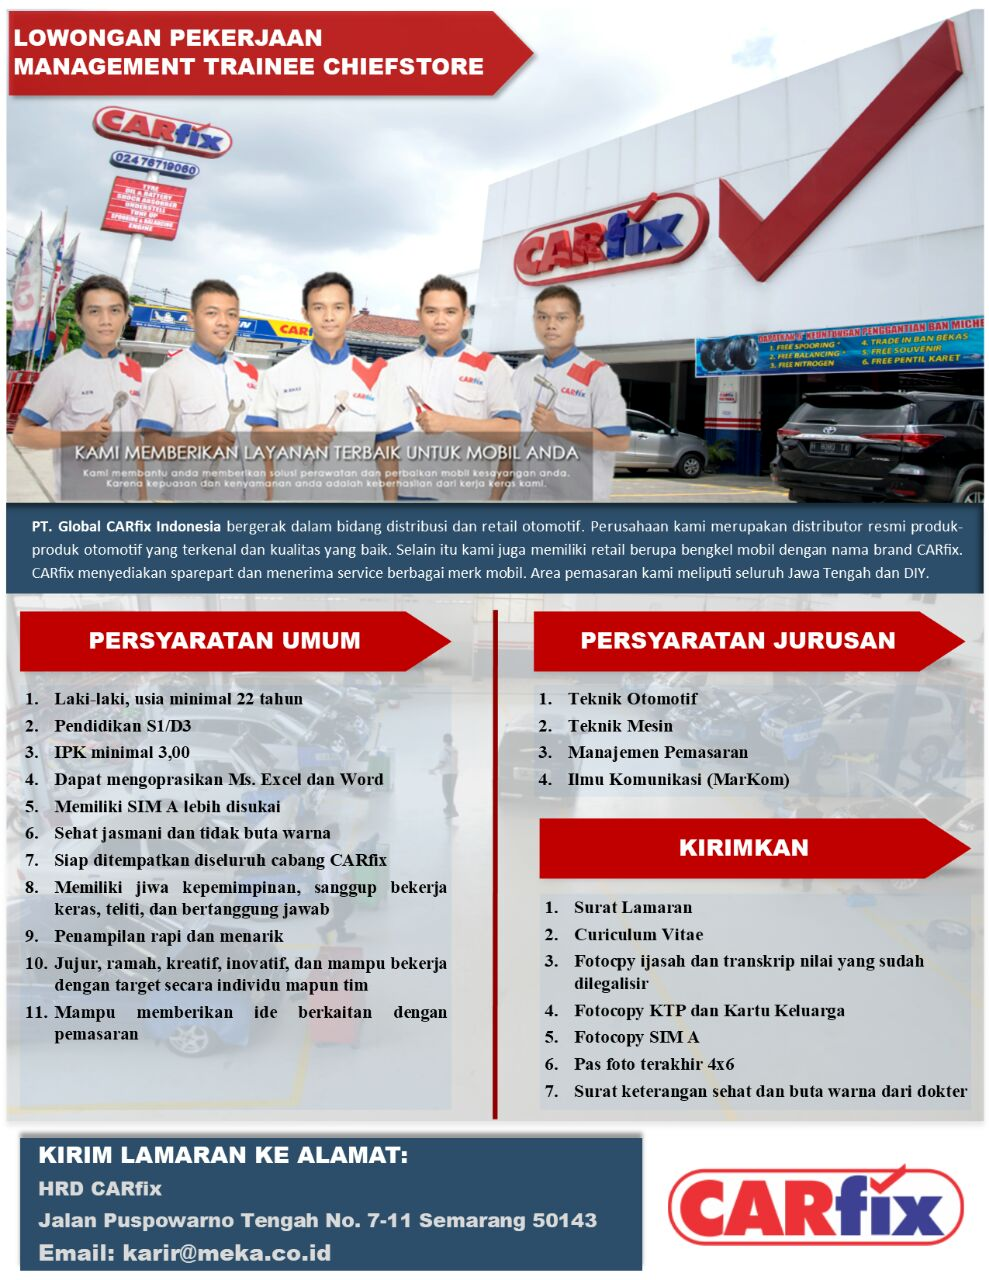 PT. Global Carfix Indonesia Membuka Lowongan MT